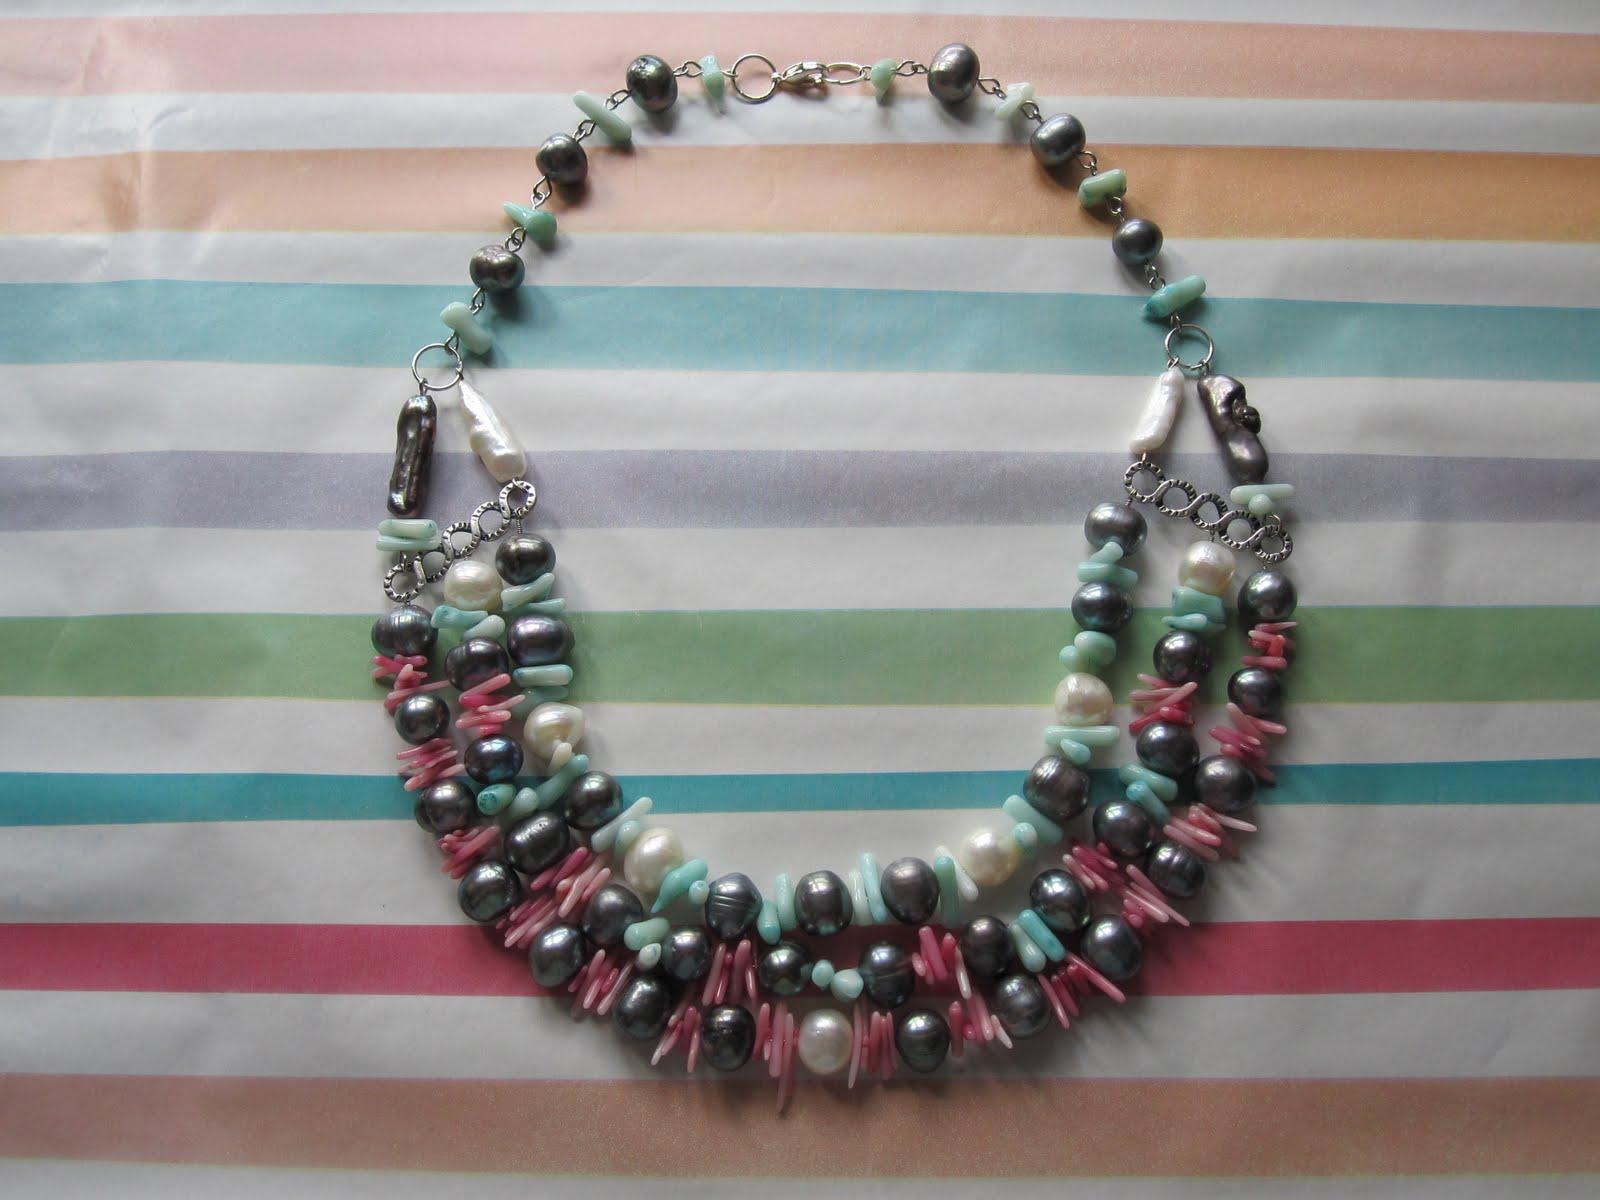 Collar corto en plateado con perlas de río (blancas, negras y alargadas en ambos tonos), coral teñido (fucsia y turquesa) y separadores.